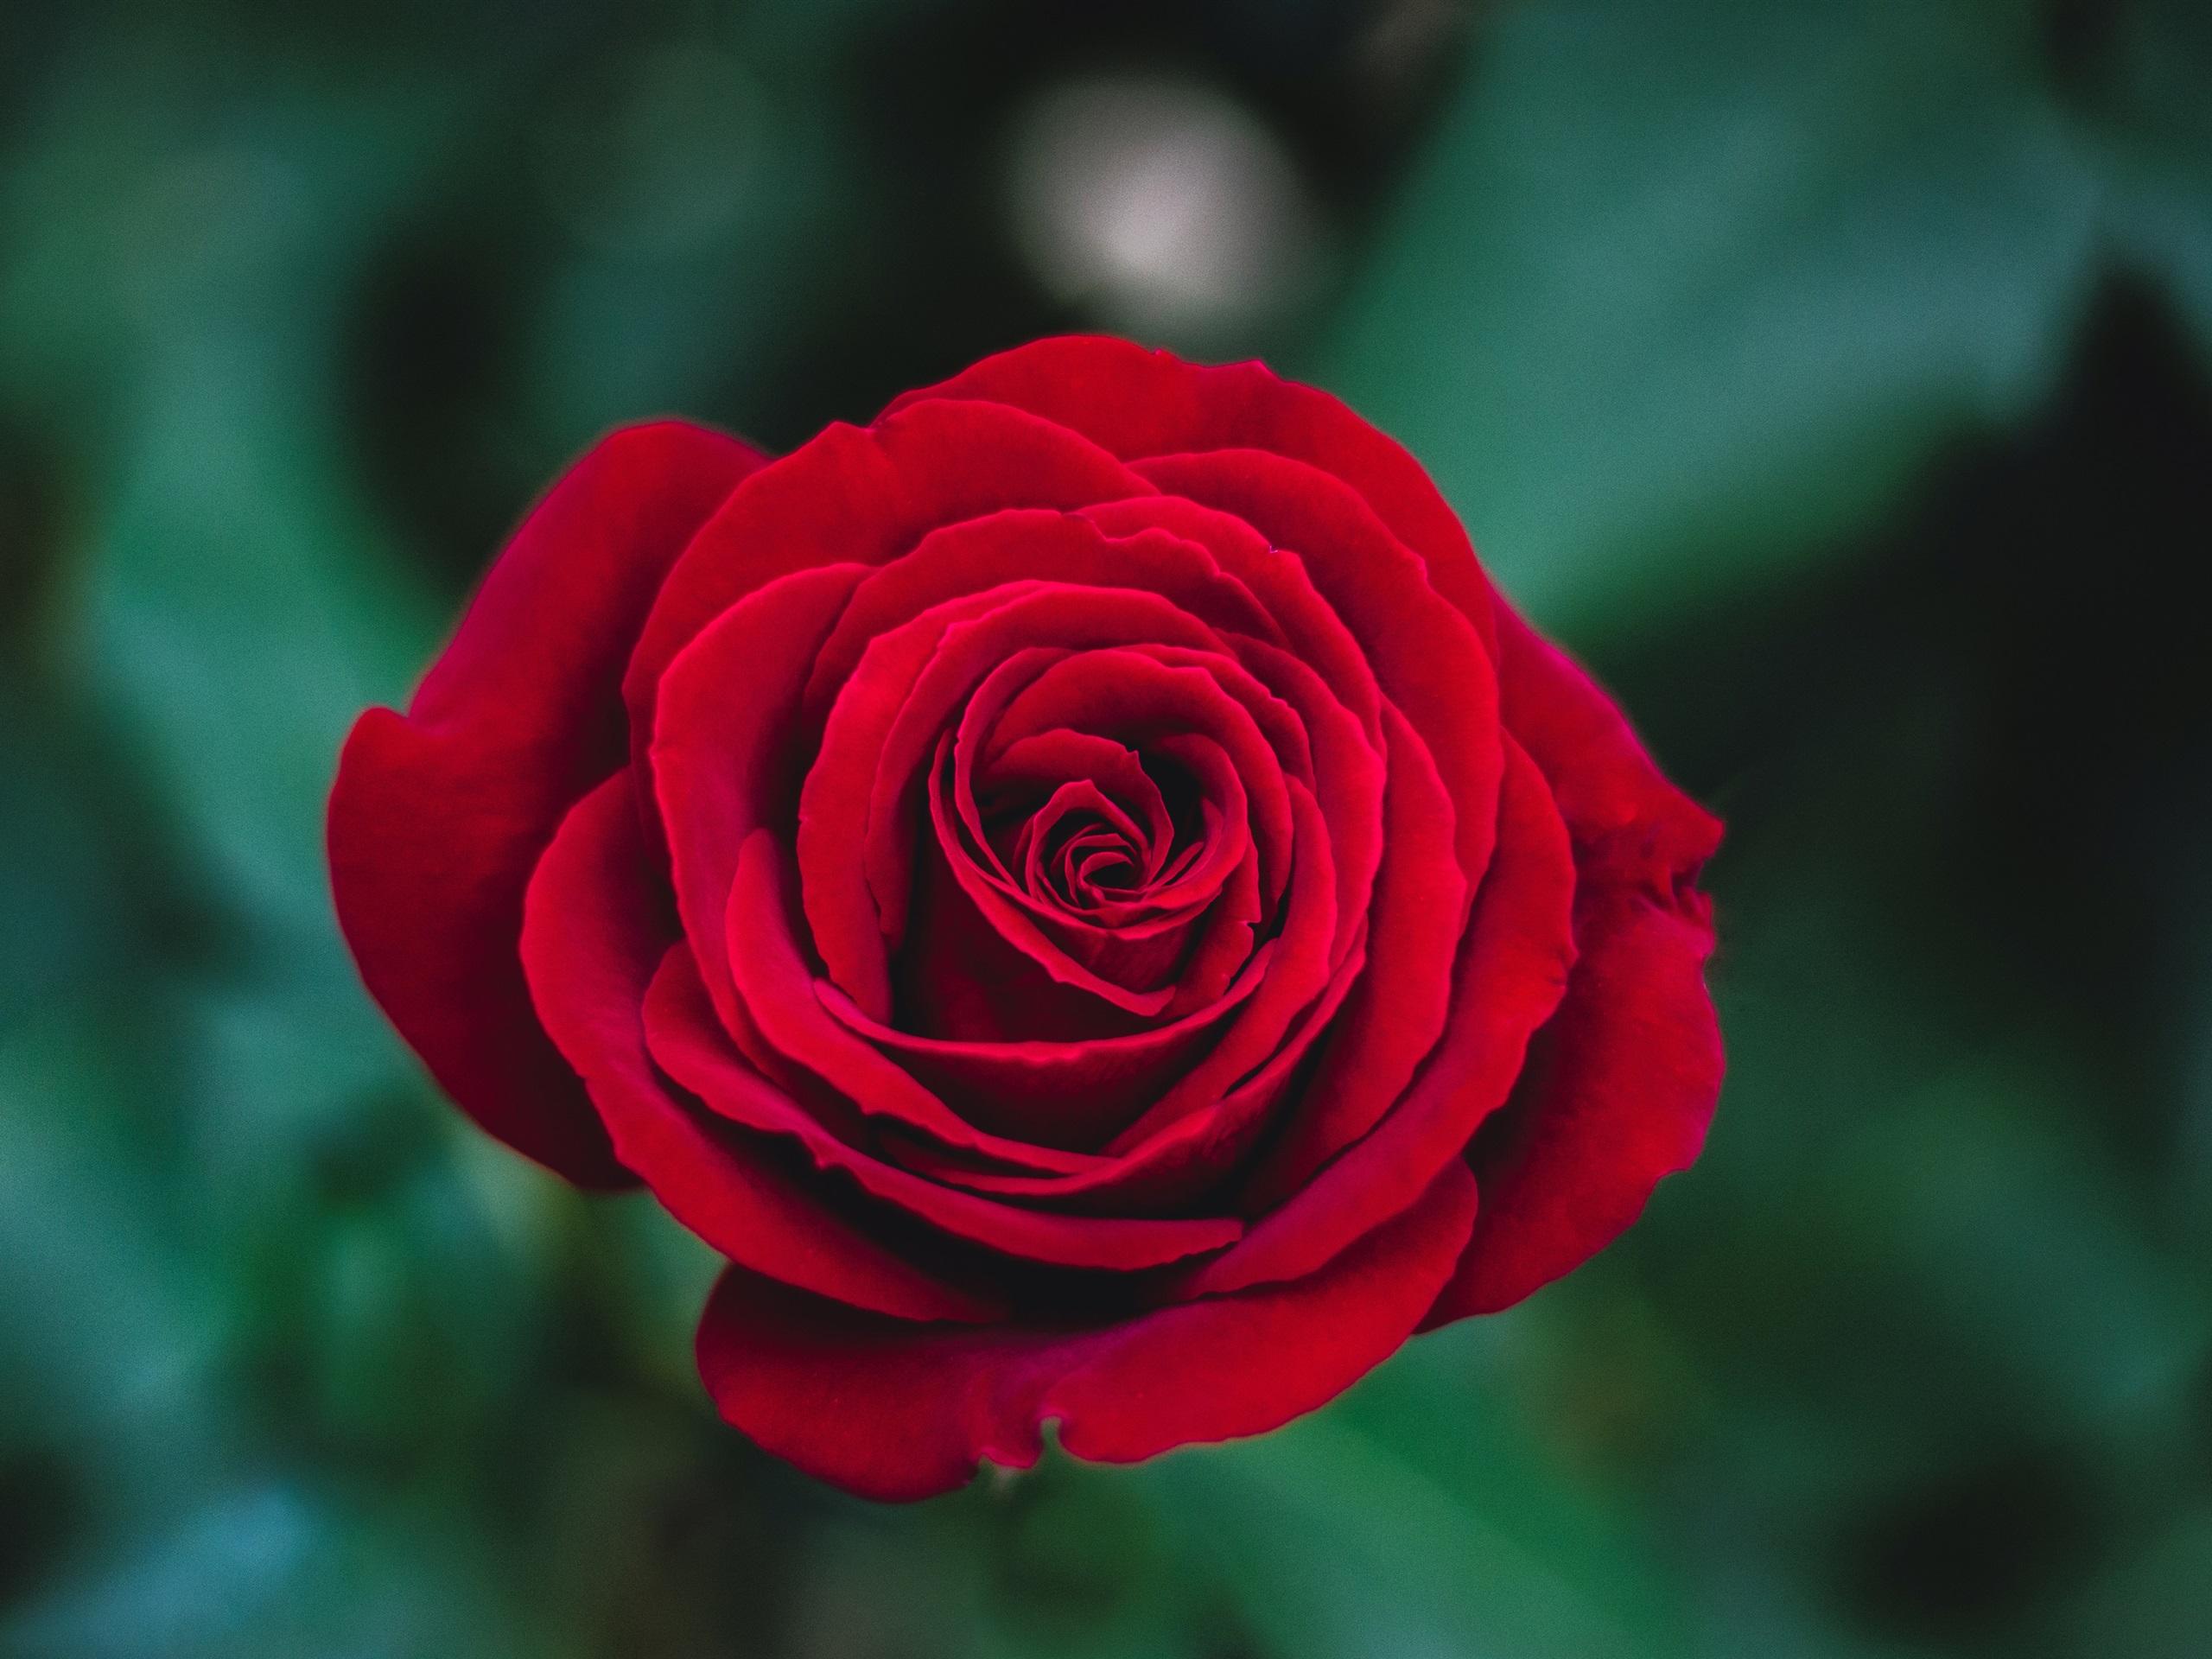 Картинки с розой красной, моя семья